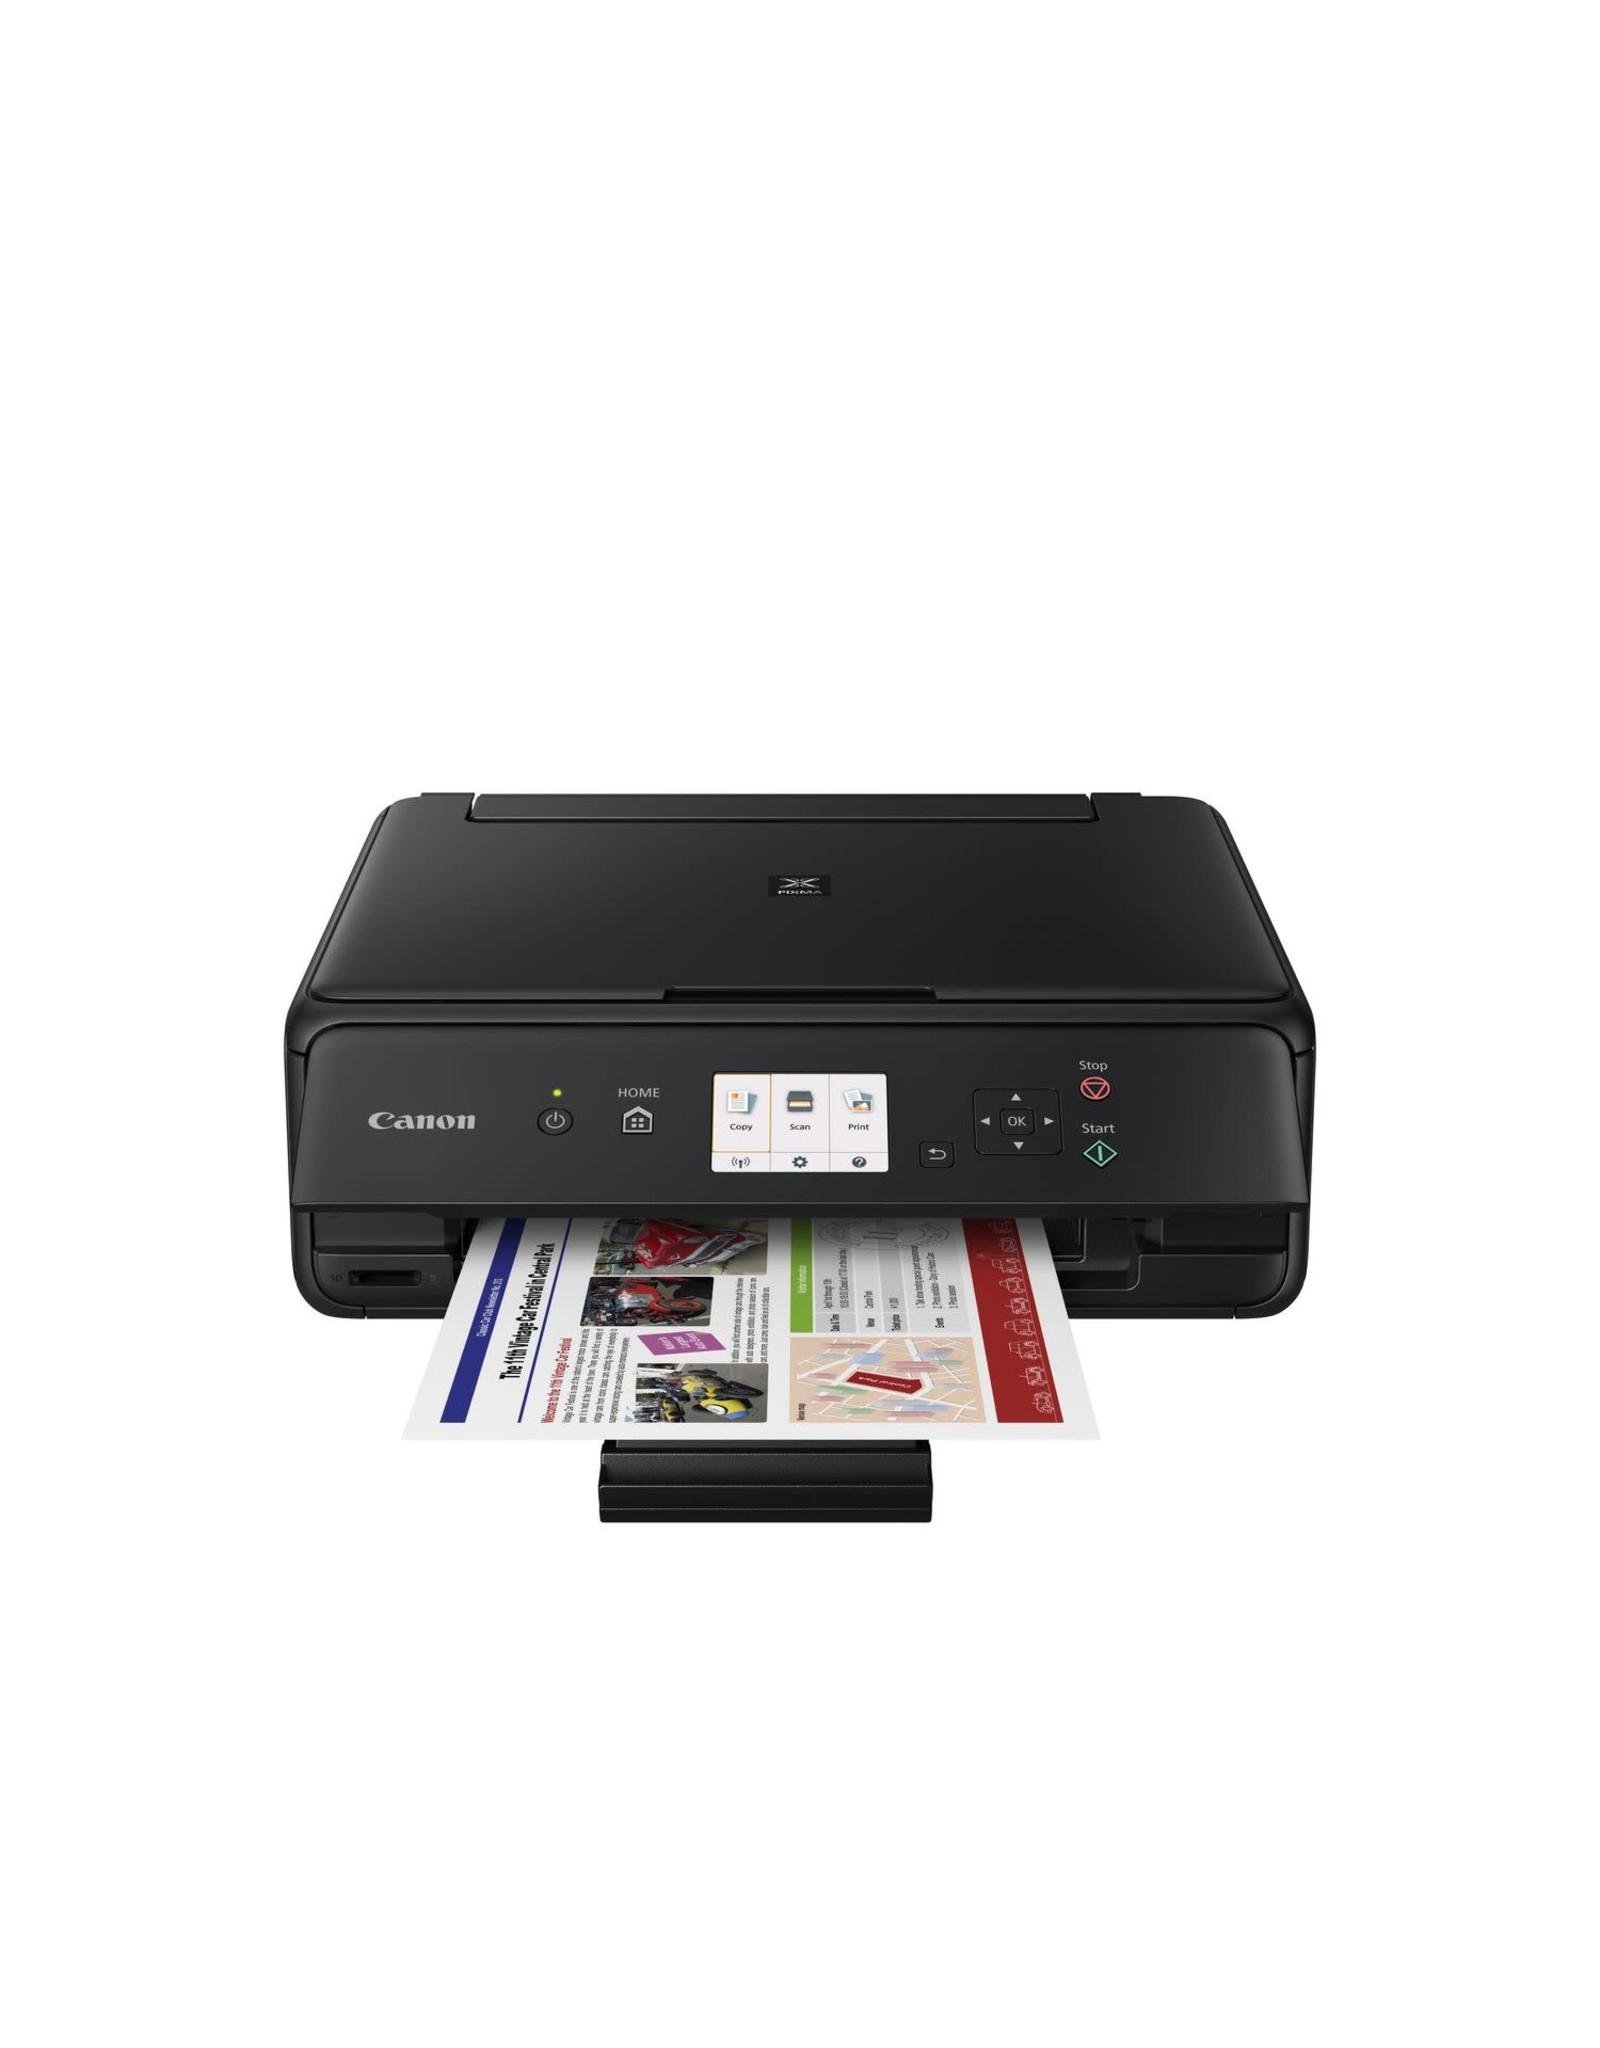 Canon Canon PIXMA TS5020 Black Wireless Inkjet All-in-One Printer